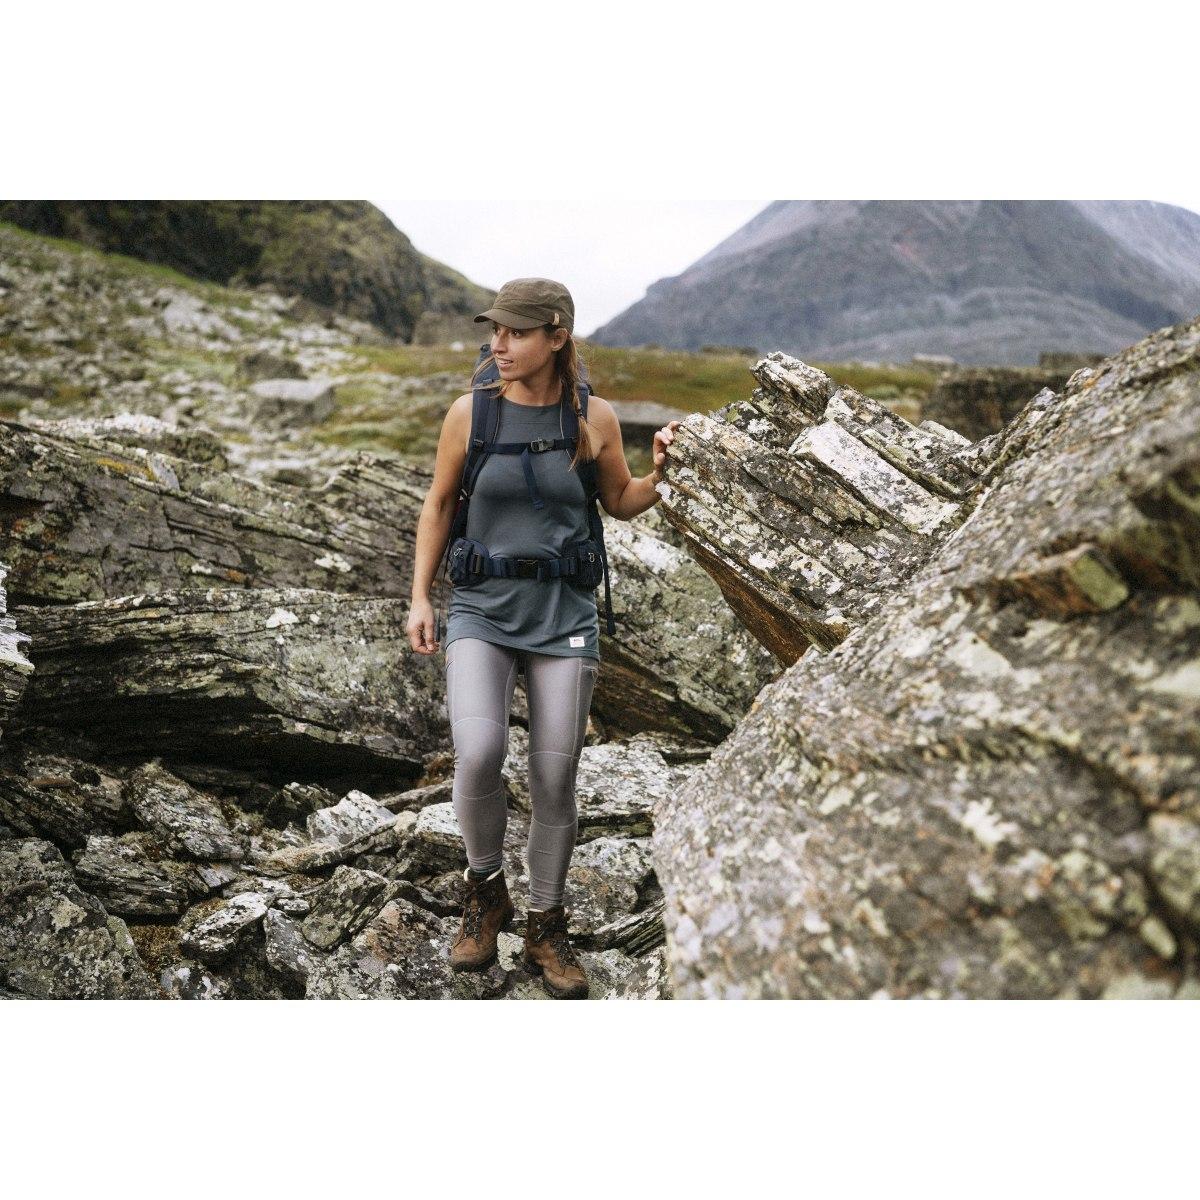 Image of Fjällräven Abisko Trail Tights for Women - black